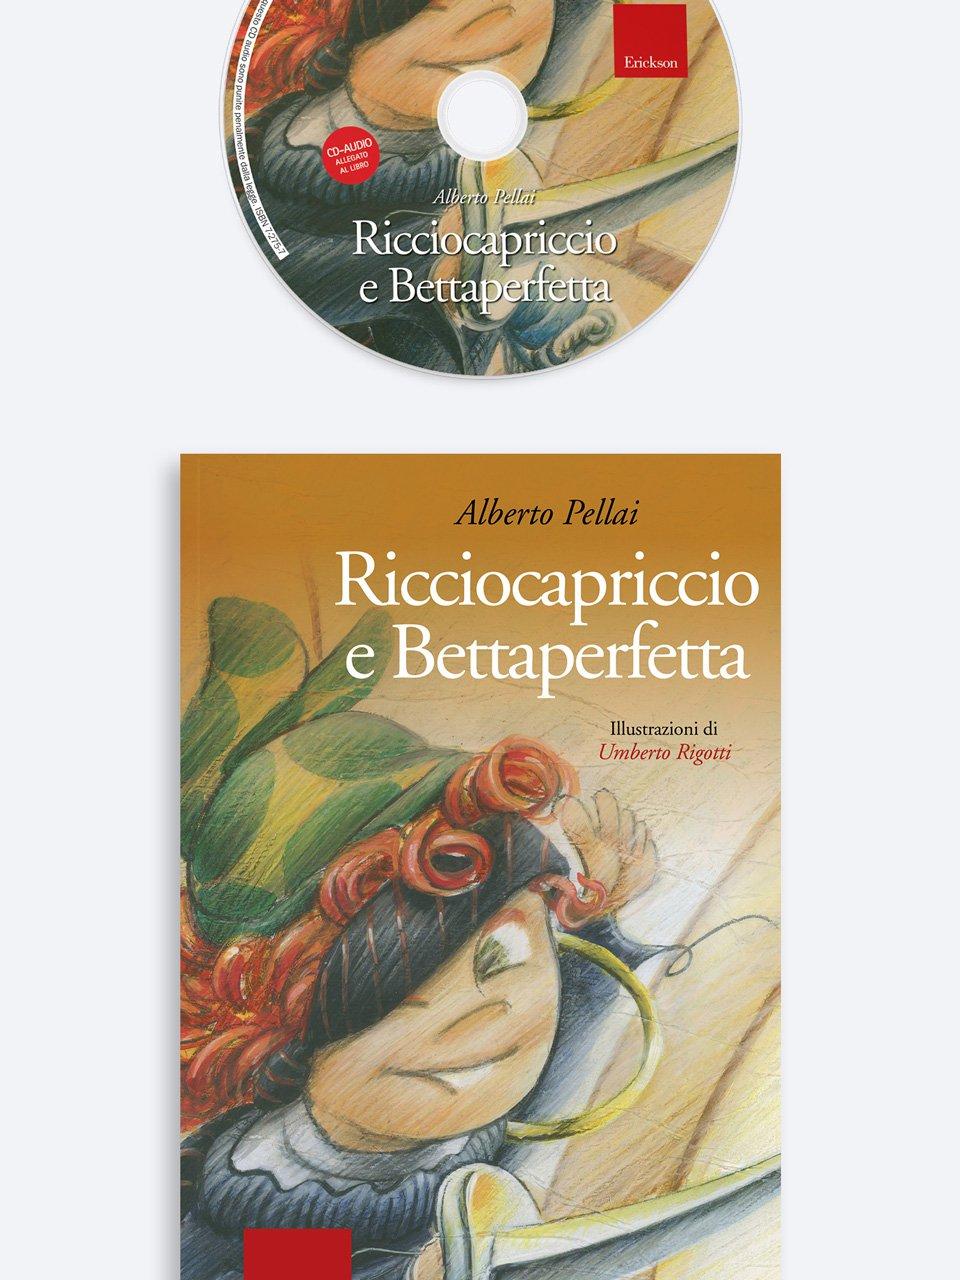 Ricciocapriccio e Bettaperfetta - Libri - Erickson